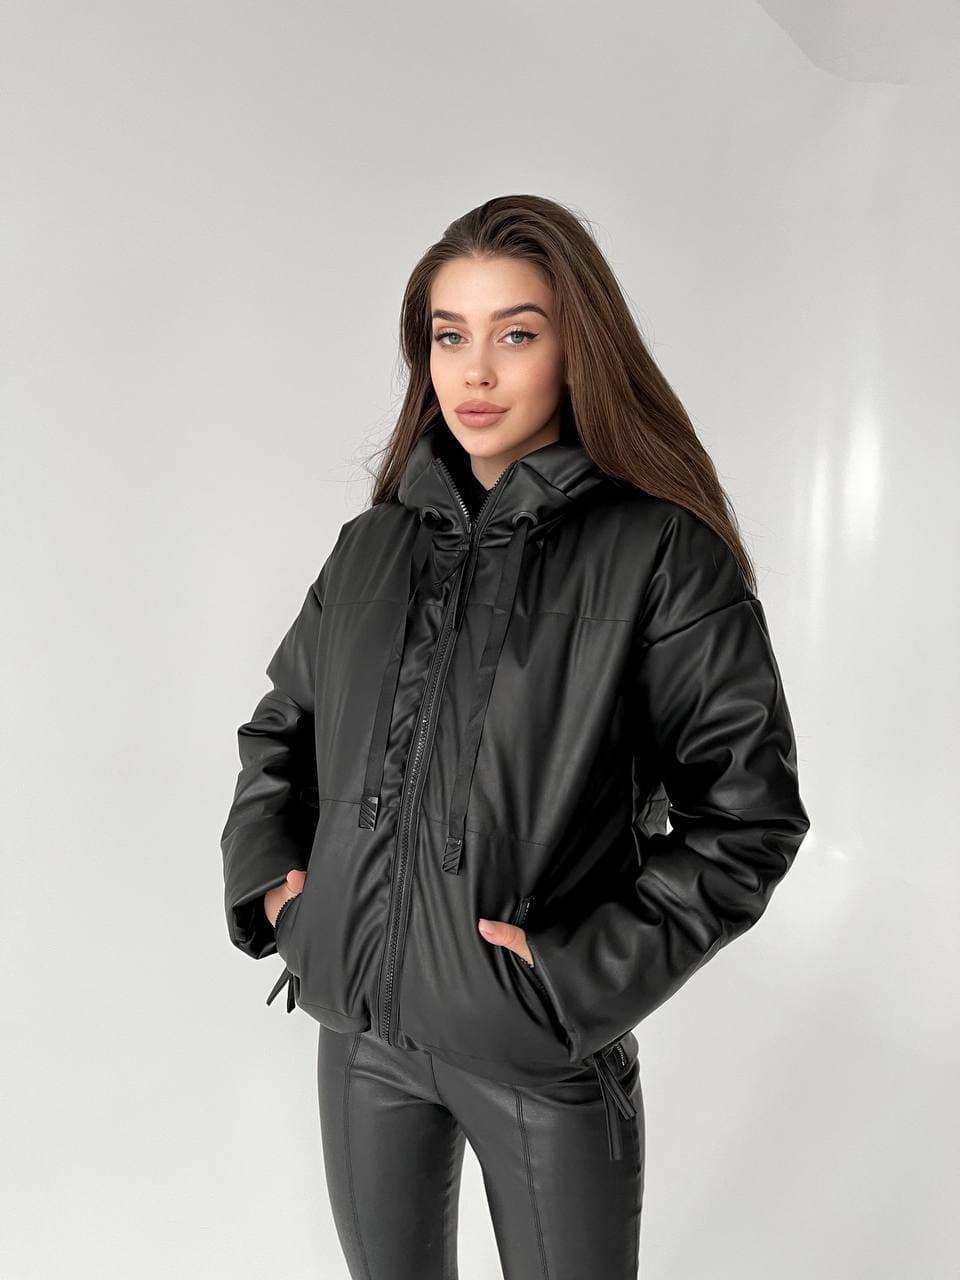 Модная женская черная куртка из экокожи демисезонная